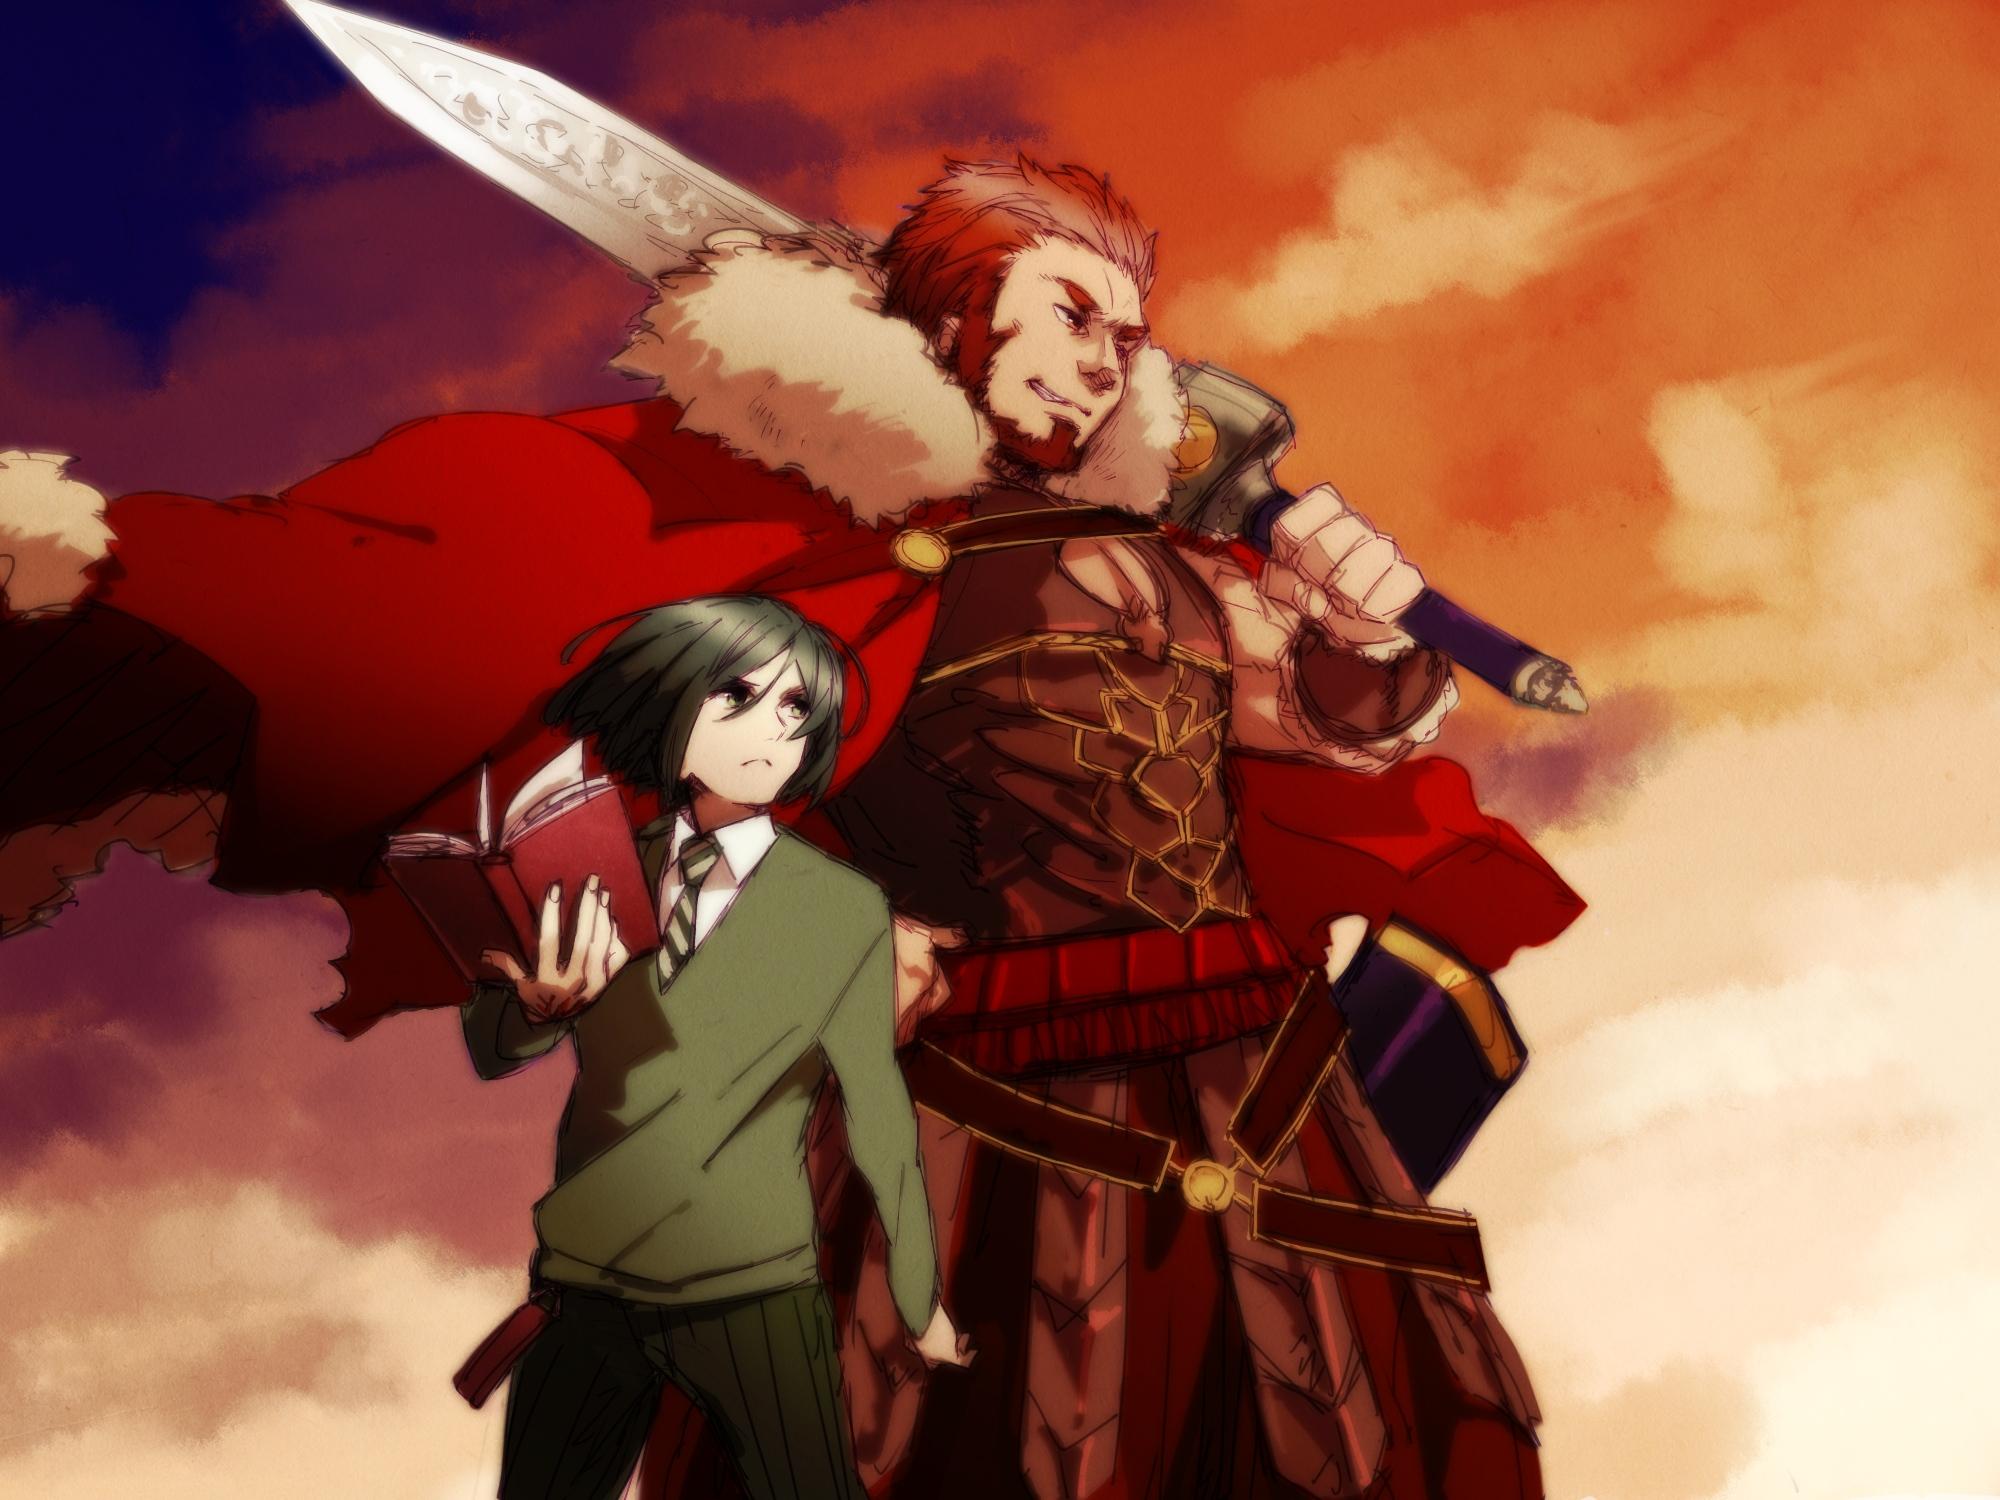 Fate Zero Wallpaper Hd Fate Zero Hd Wallpaper Background Image 2000x1500 Id